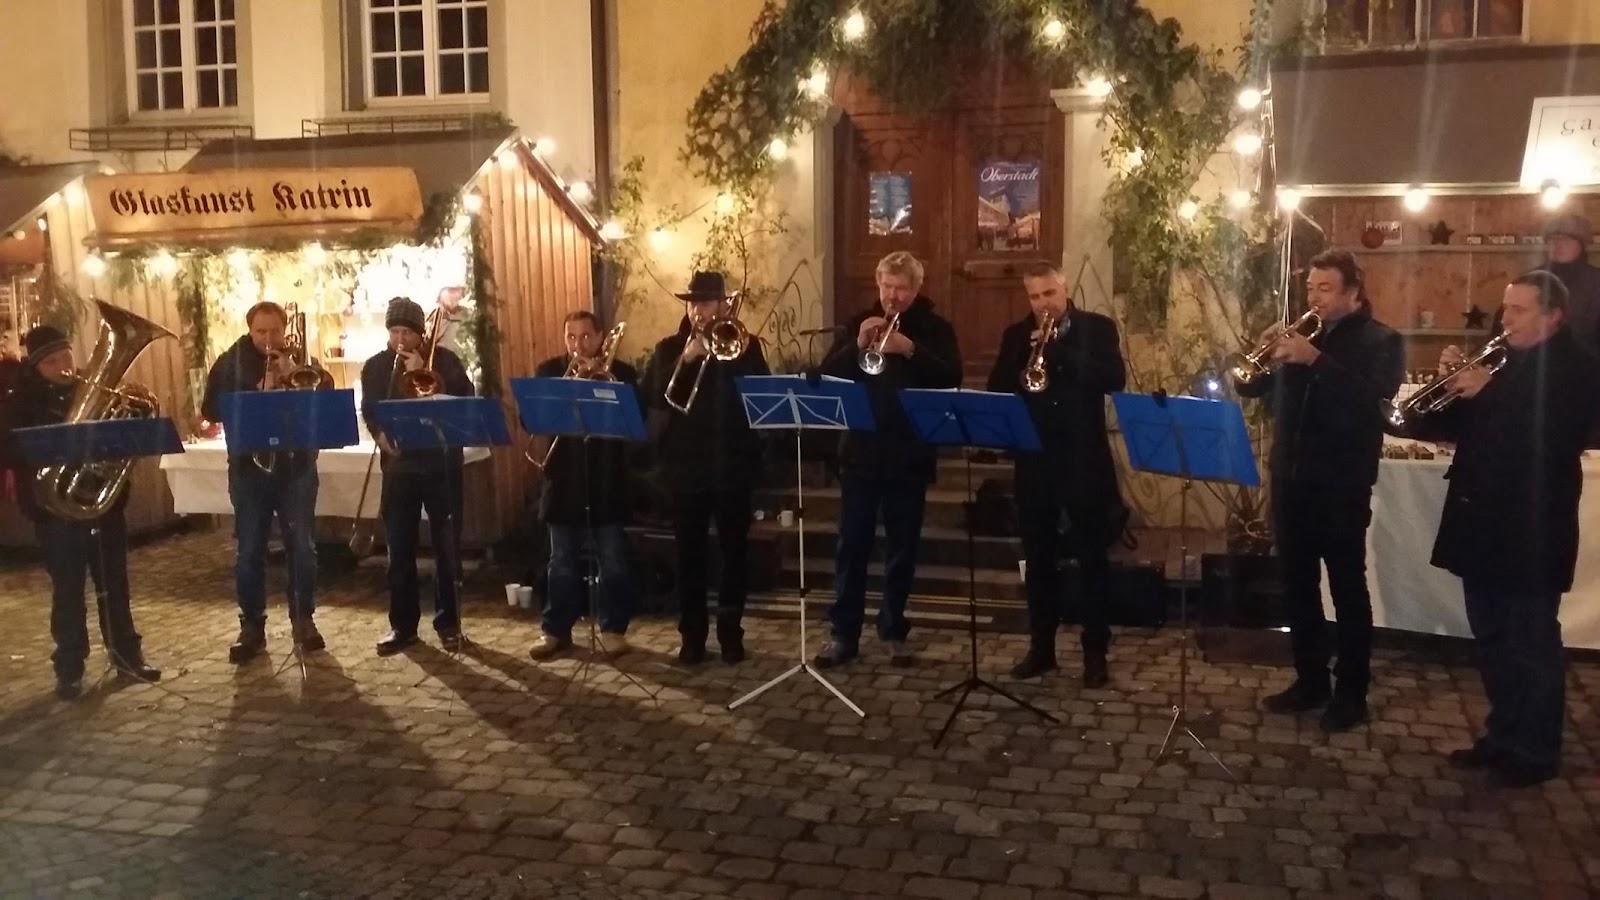 Ensemble beim Weihnachtsmarkt in der Oberstadt am 13.12.2015